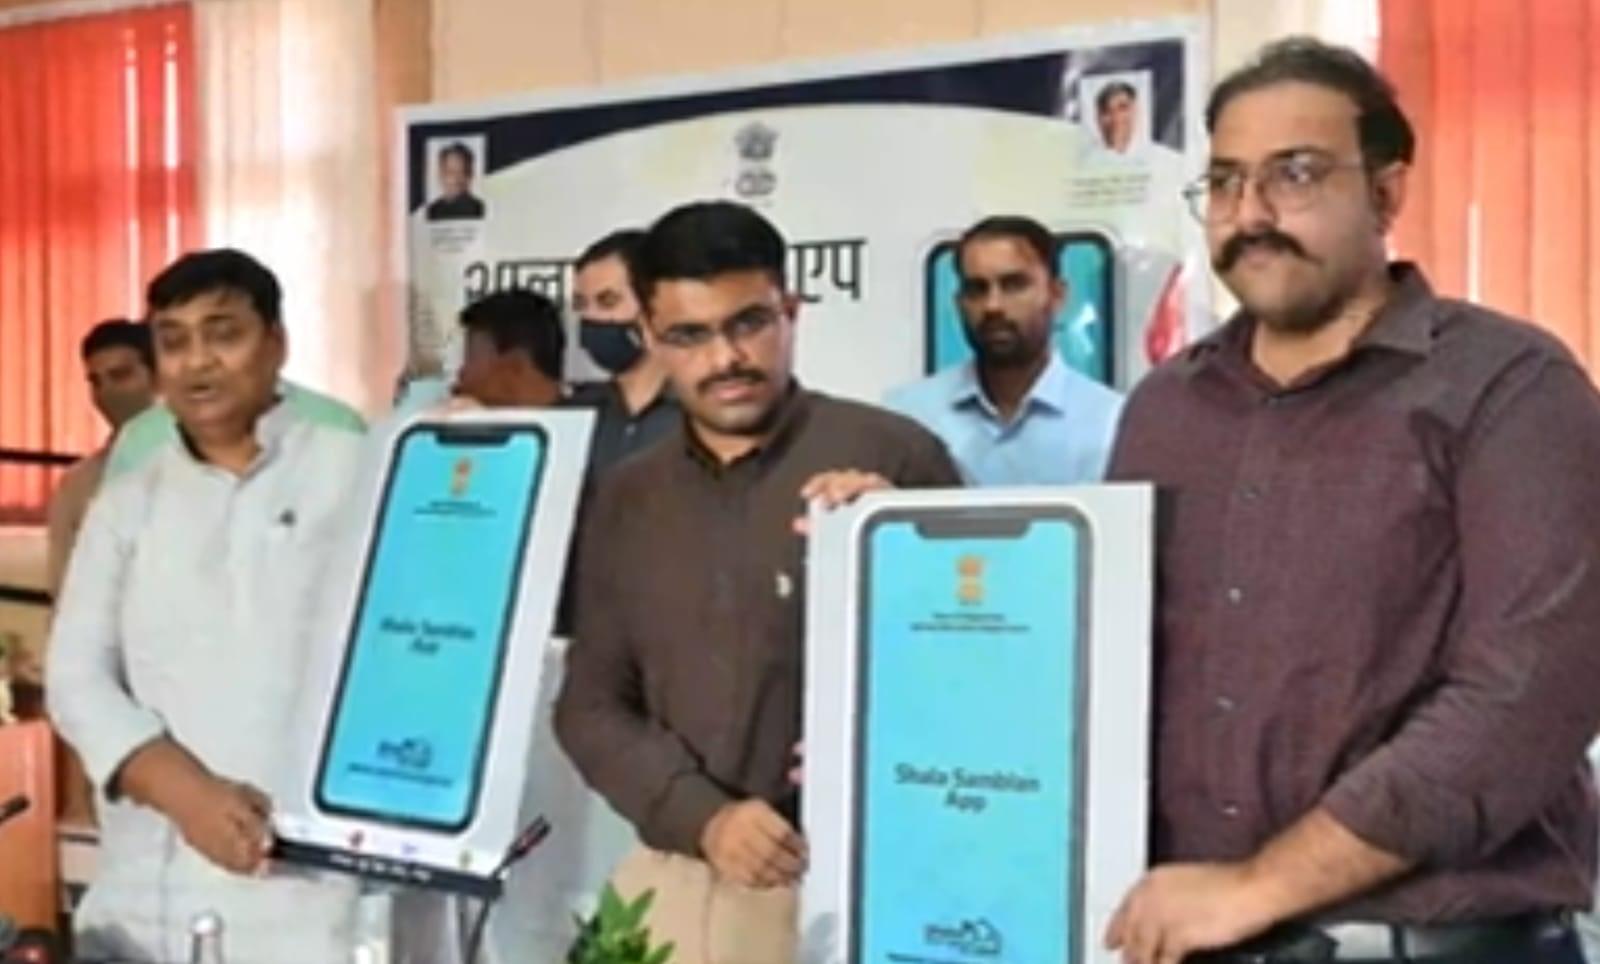 आठ जिलों से ही पचास हजार आवेदन, राज्य में दस हजार से ज्यादा कम्प्यूटर अनुदेशक भर्ती का सिलेबस तैयार|बीकानेर,Bikaner - Dainik Bhaskar